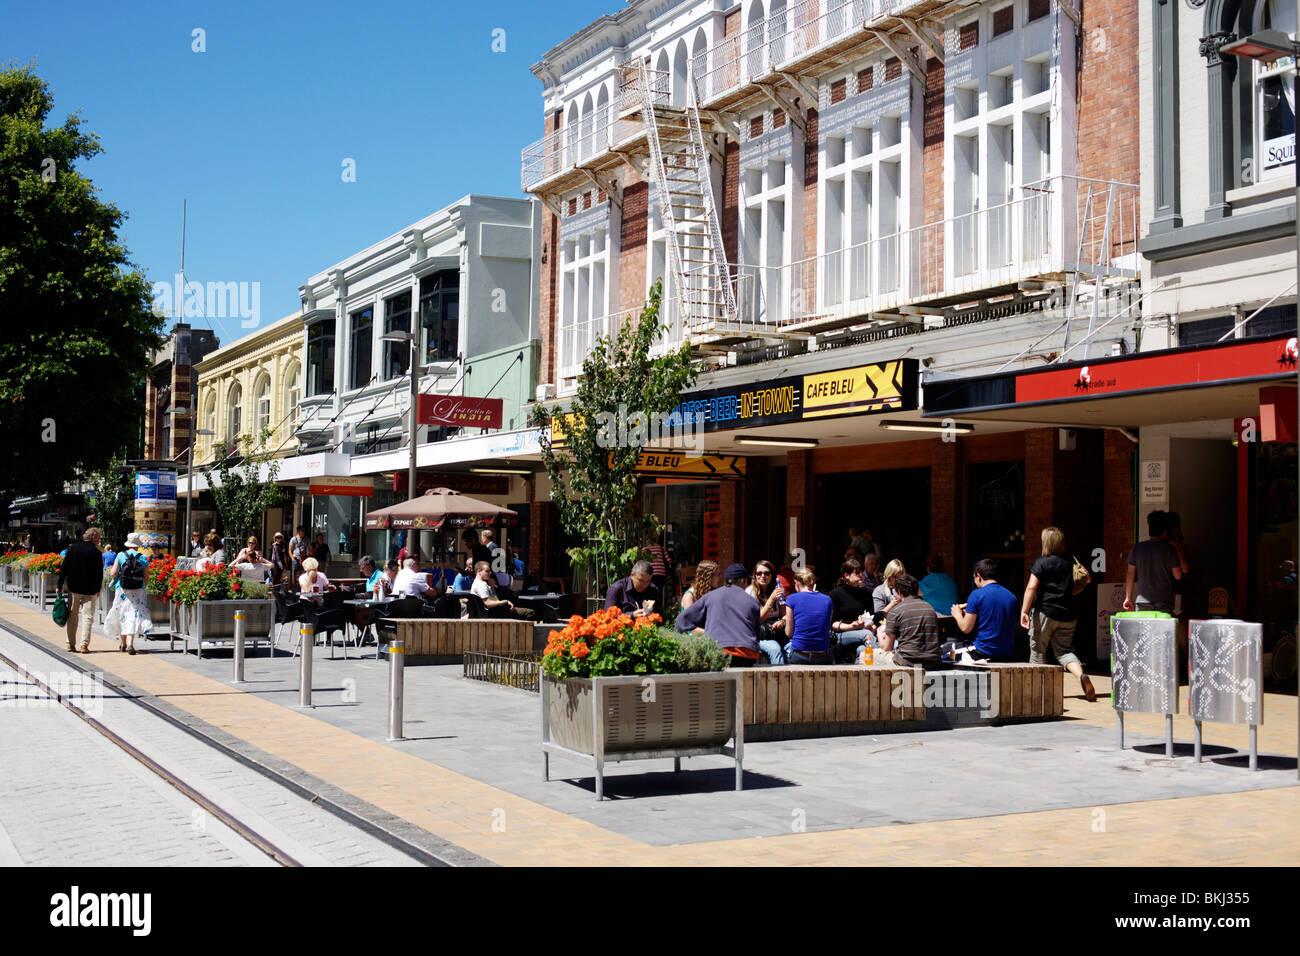 Une rue dans le centre de Christchurch, Canterbury, Nouvelle-Zélande Banque D'Images